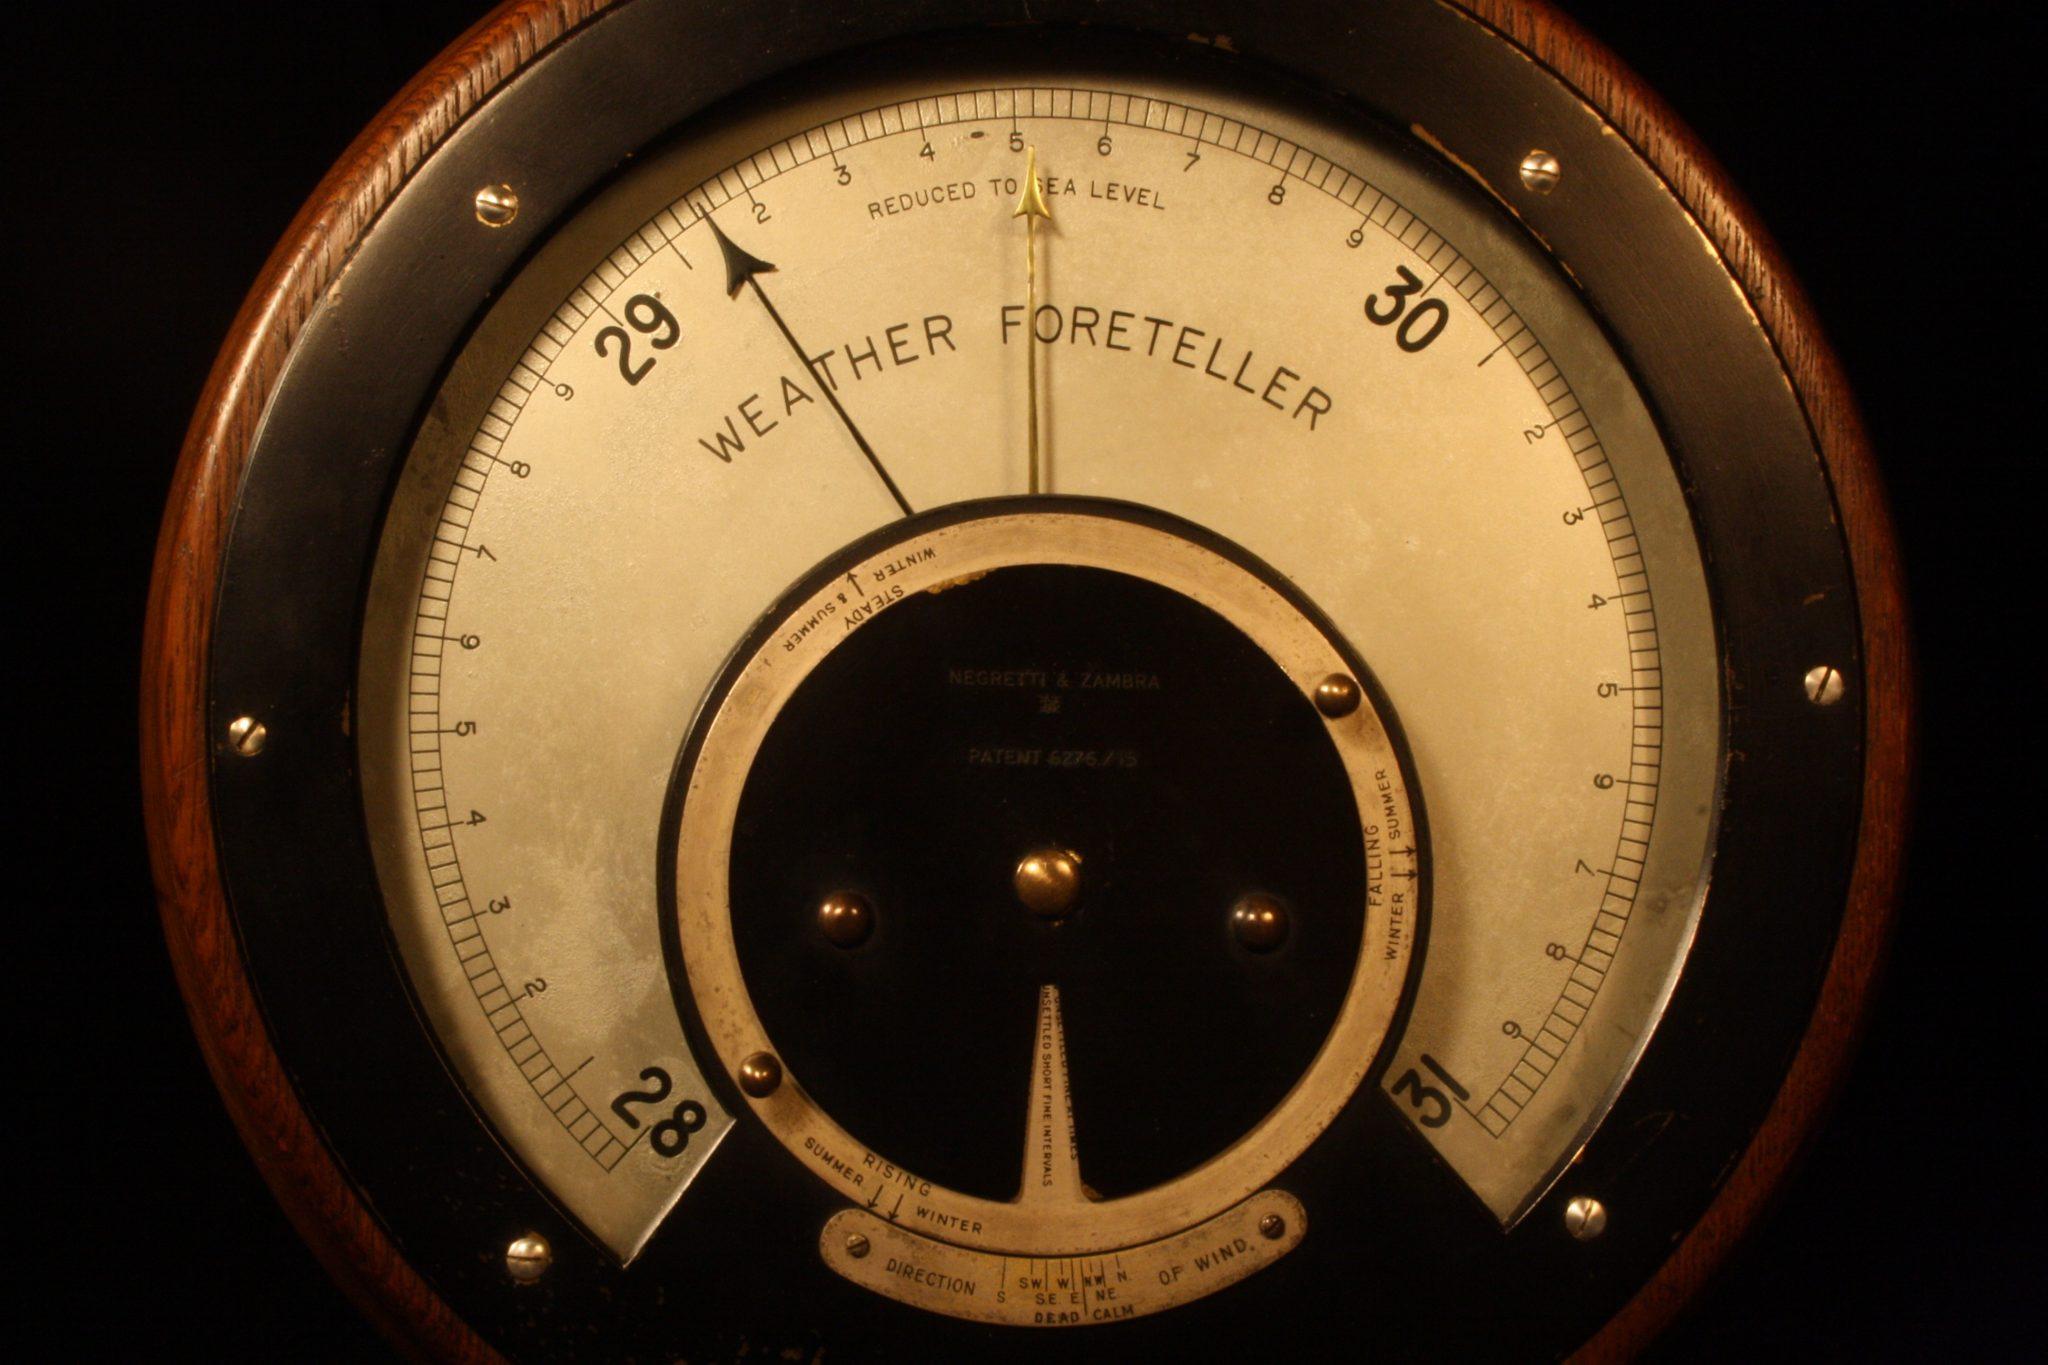 Image of Negretti & Zambra Weather Foreteller